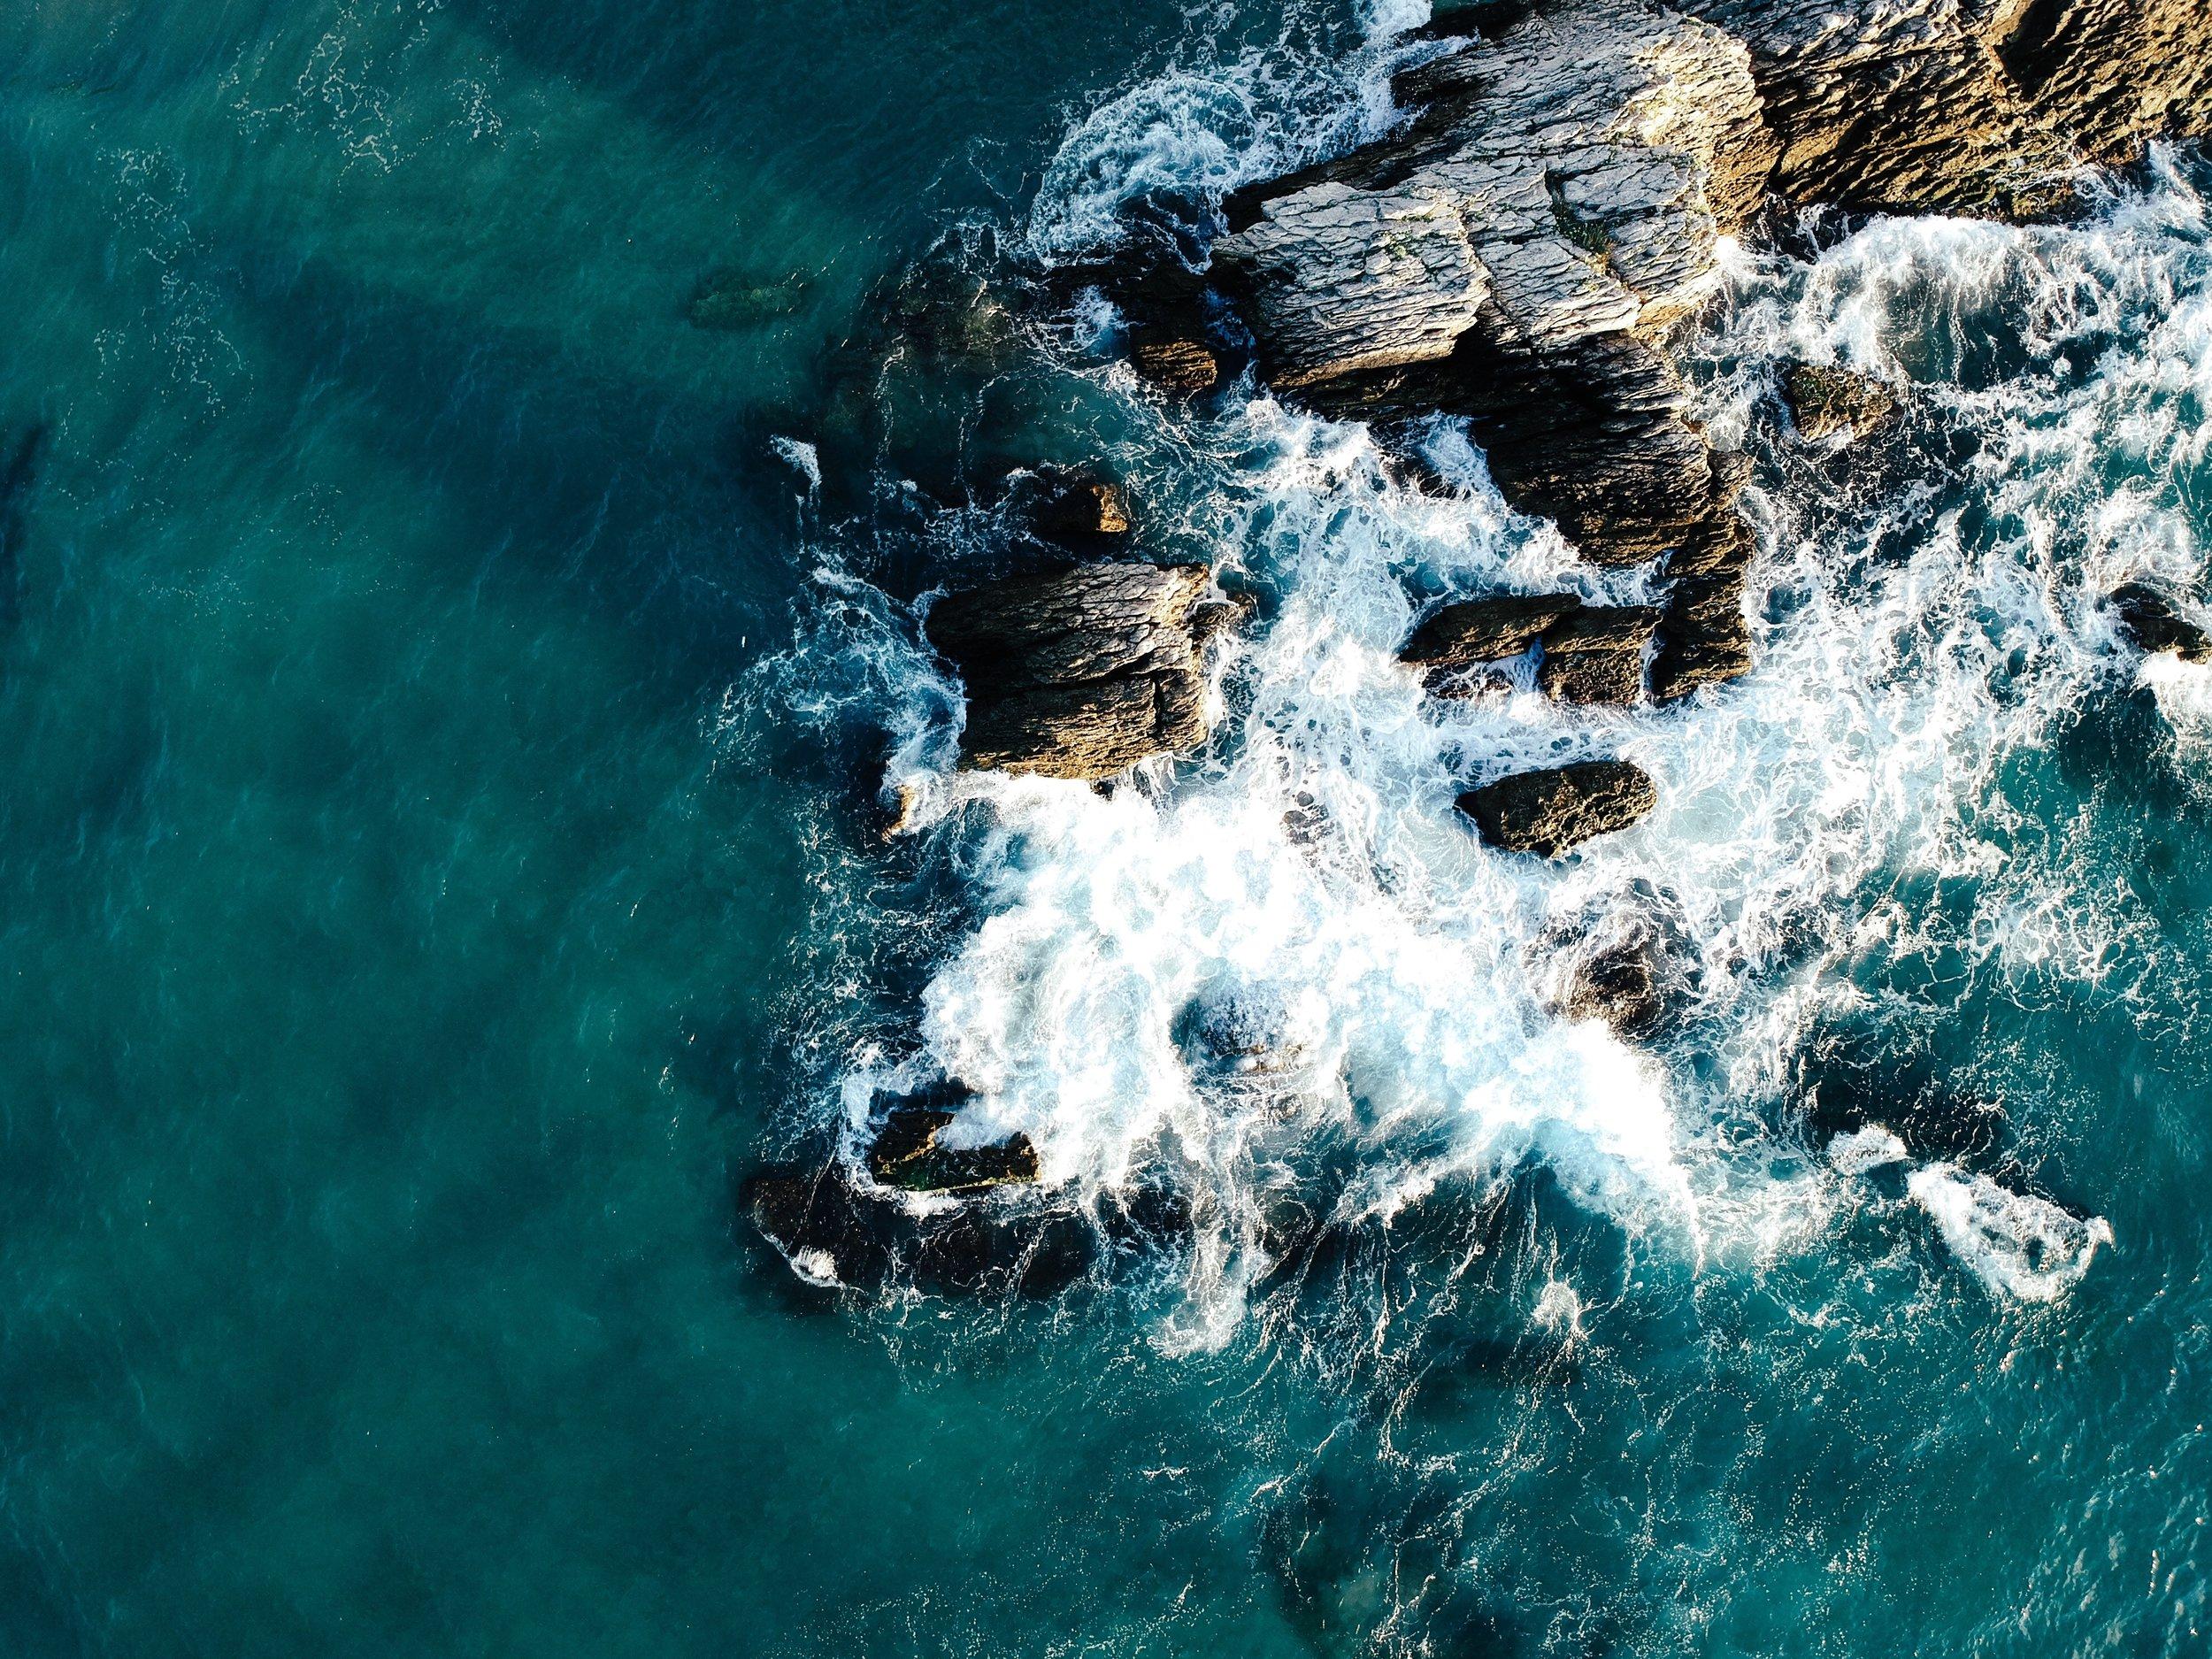 Dark teal ocean with waves crashing up against rocks.